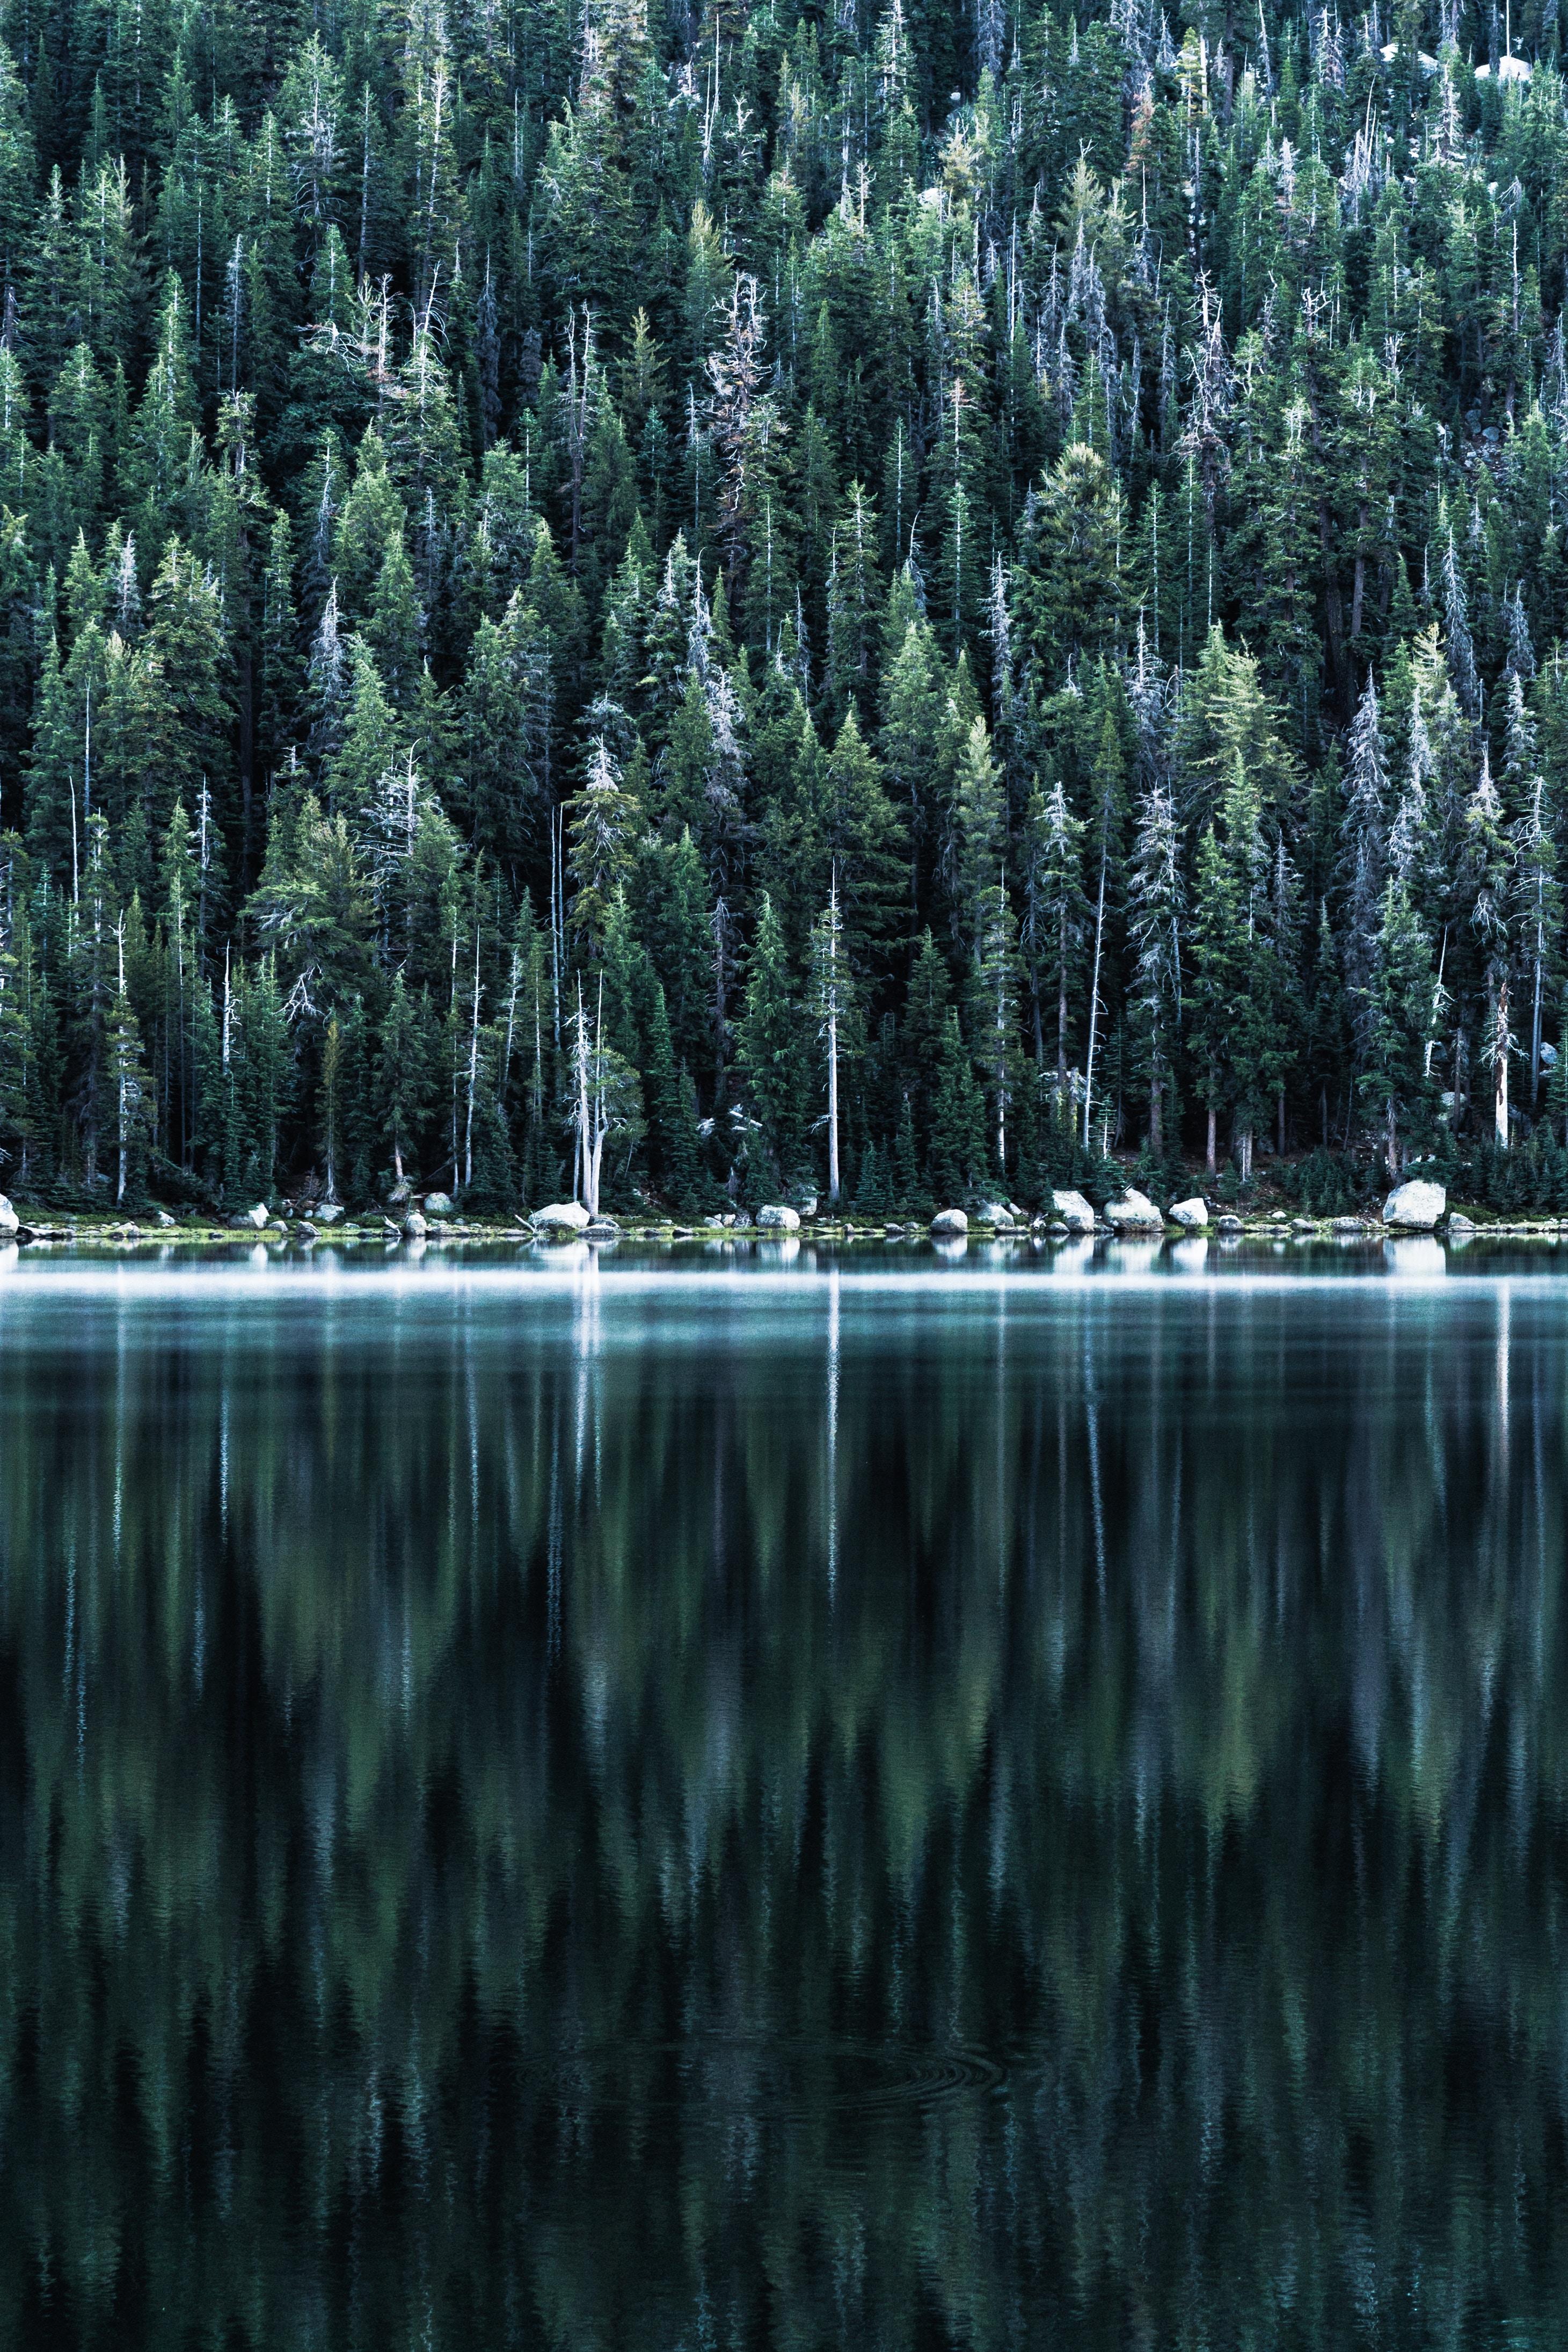 100355 Hintergrundbild 240x400 kostenlos auf deinem Handy, lade Bilder Natur, Bäume, See, Reflexion, Ufer, Bank, Wald 240x400 auf dein Handy herunter